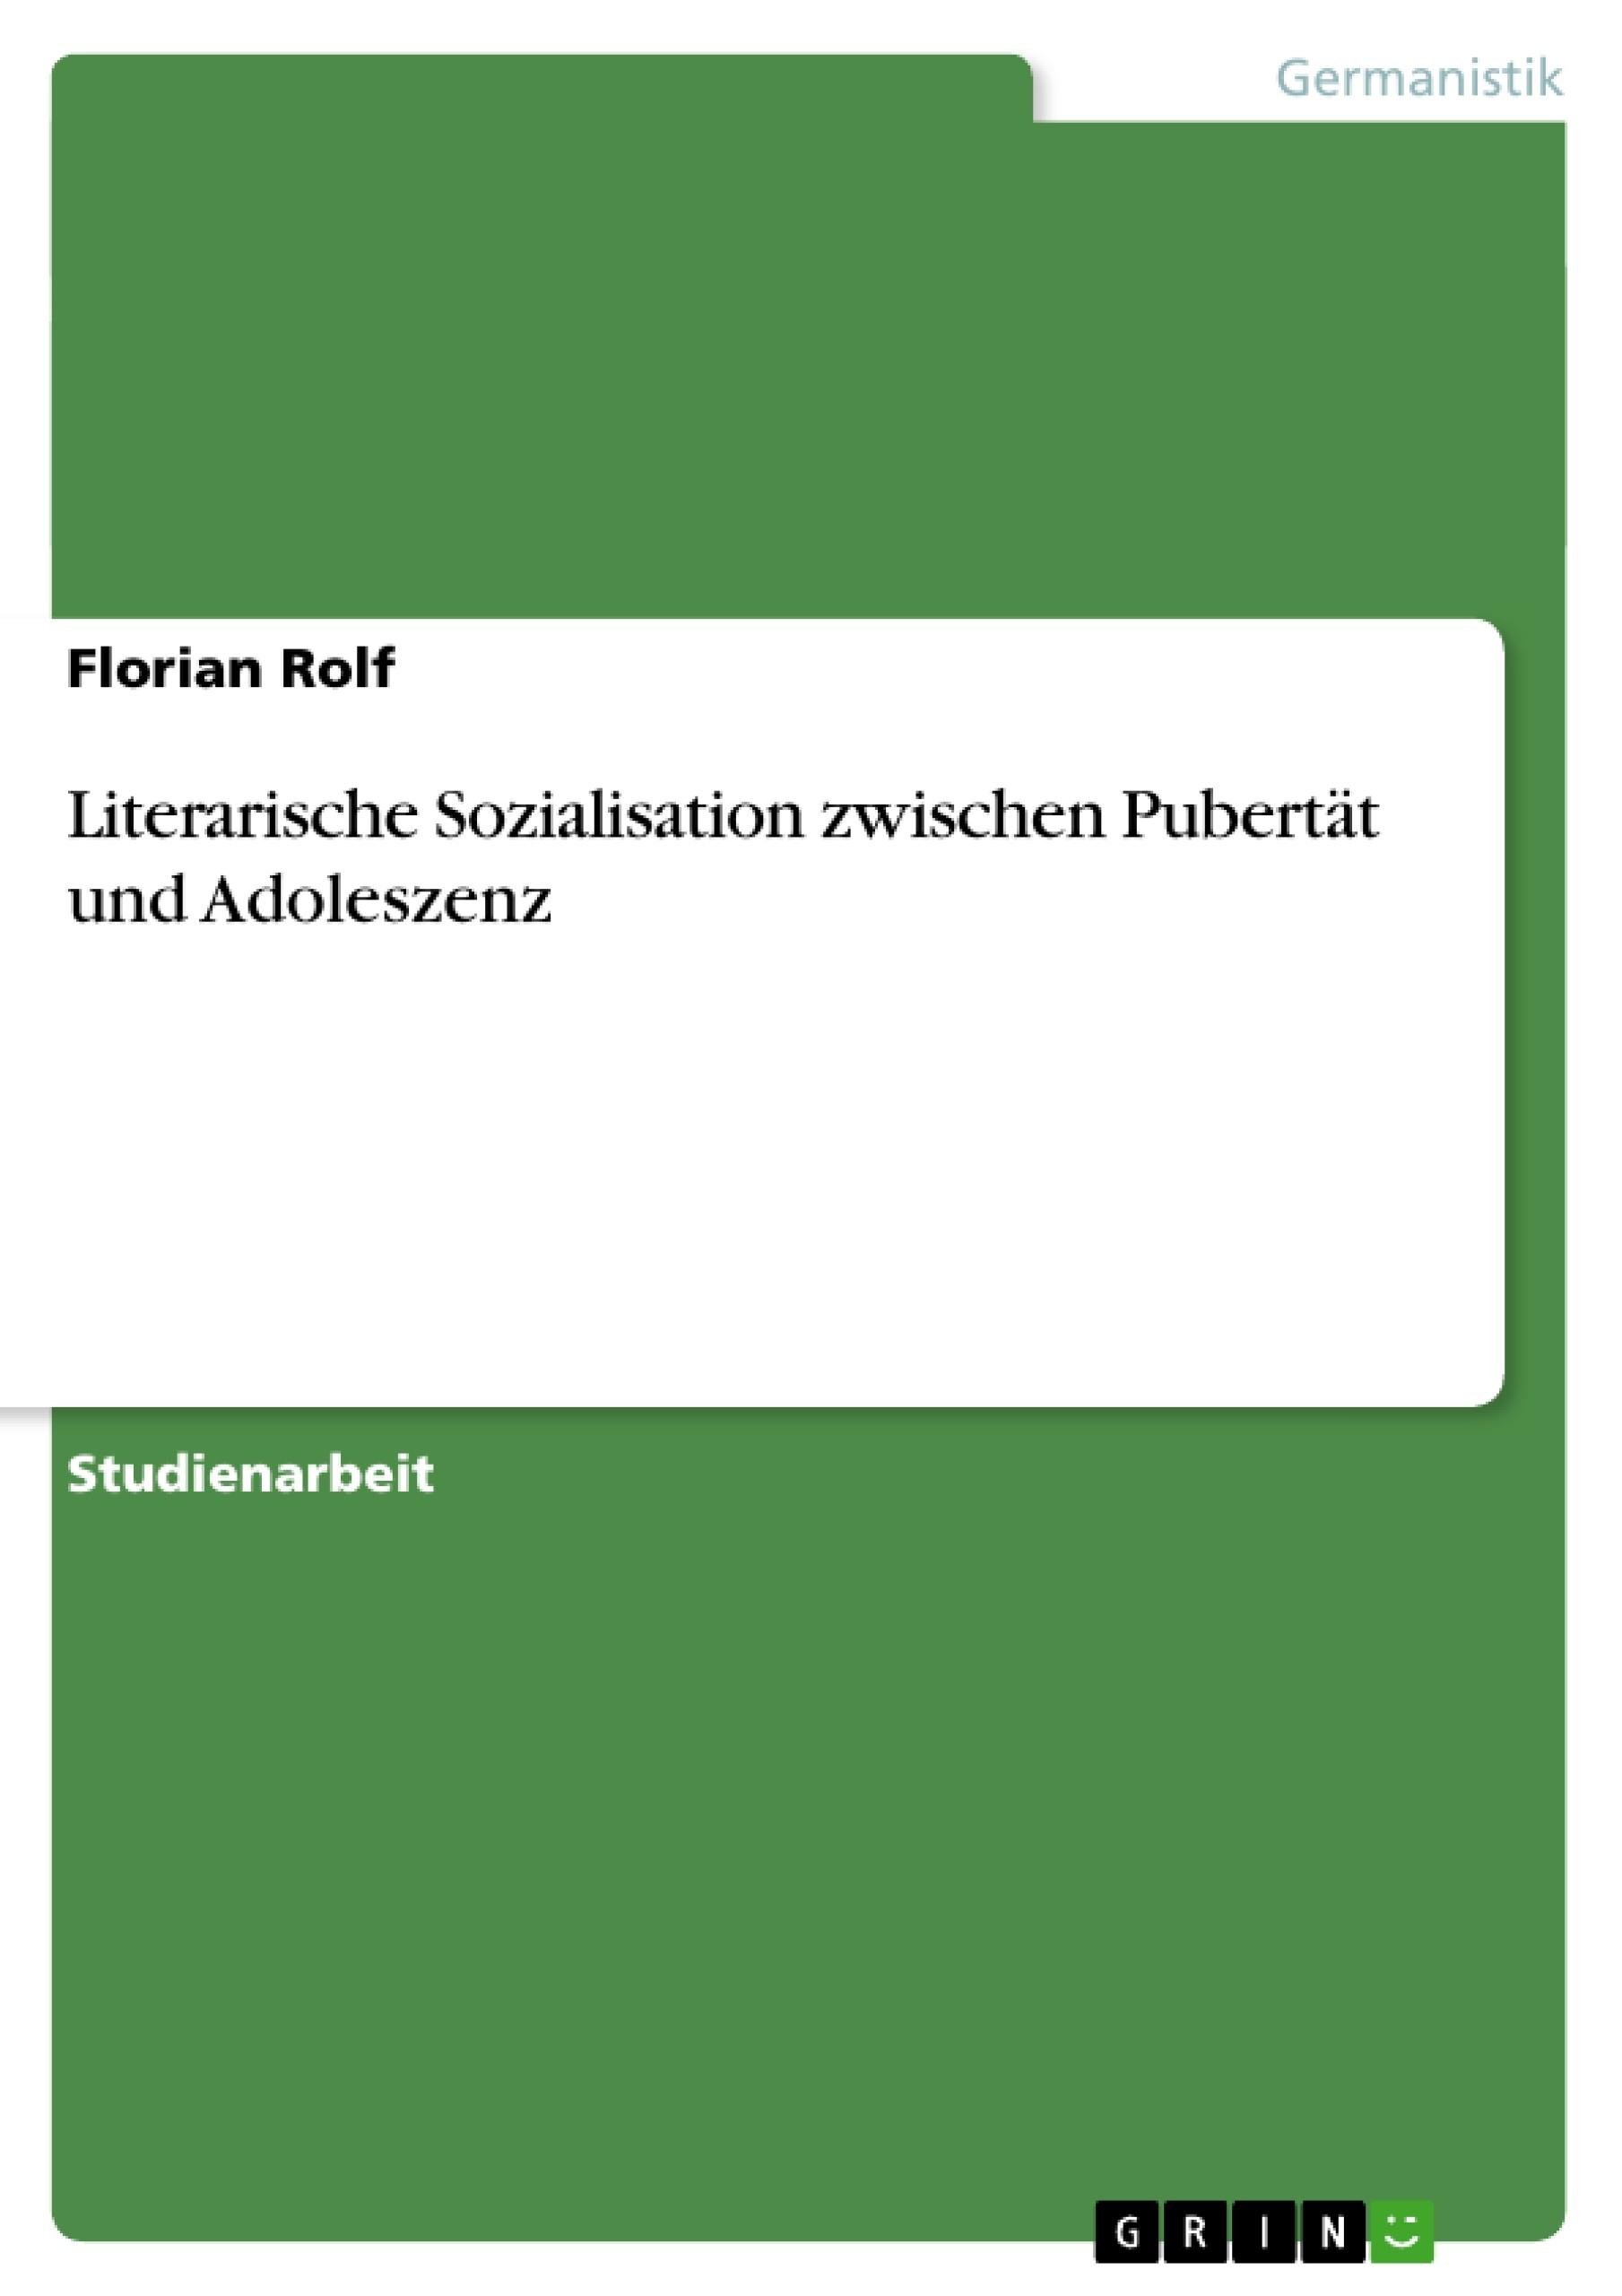 Titel: Literarische Sozialisation zwischen Pubertät und Adoleszenz